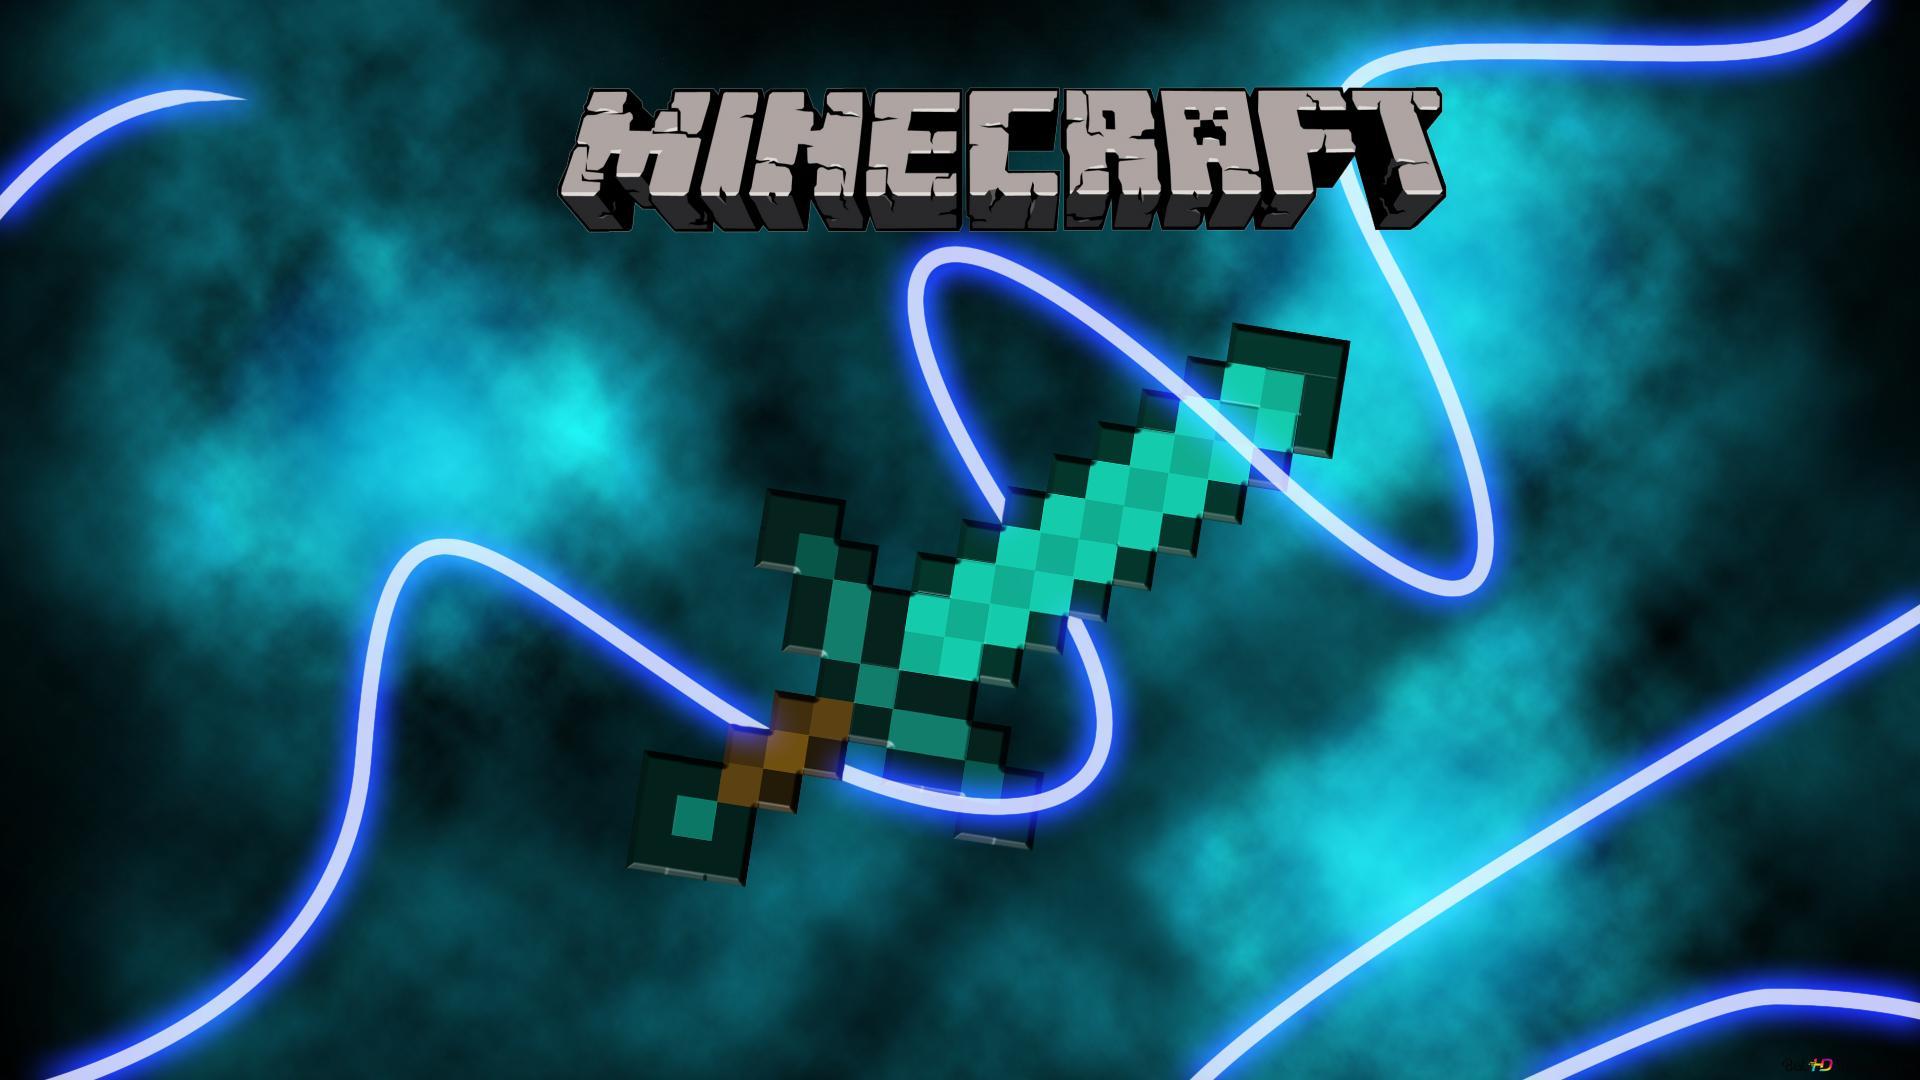 Minecraftの雷の剣 Hd壁紙のダウンロード